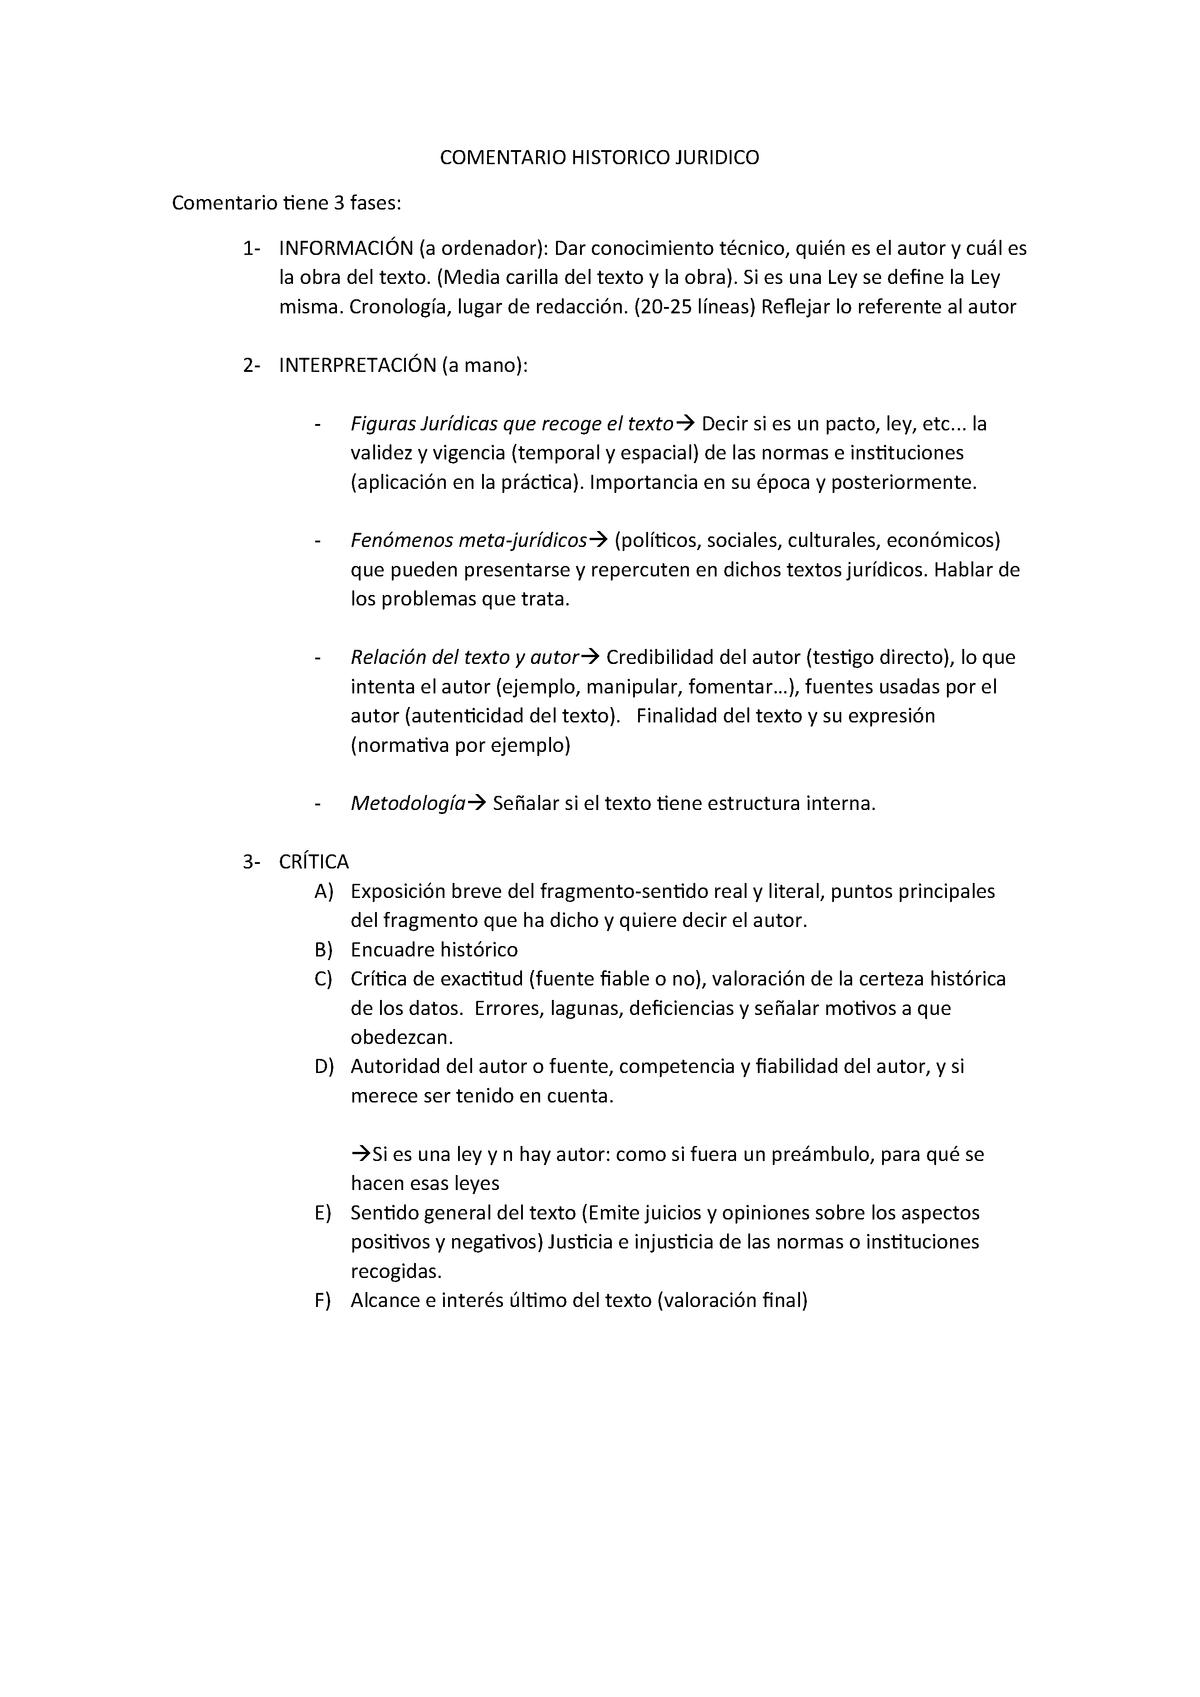 Como Hacer Comentario Hdelderecho Historia Del Derecho